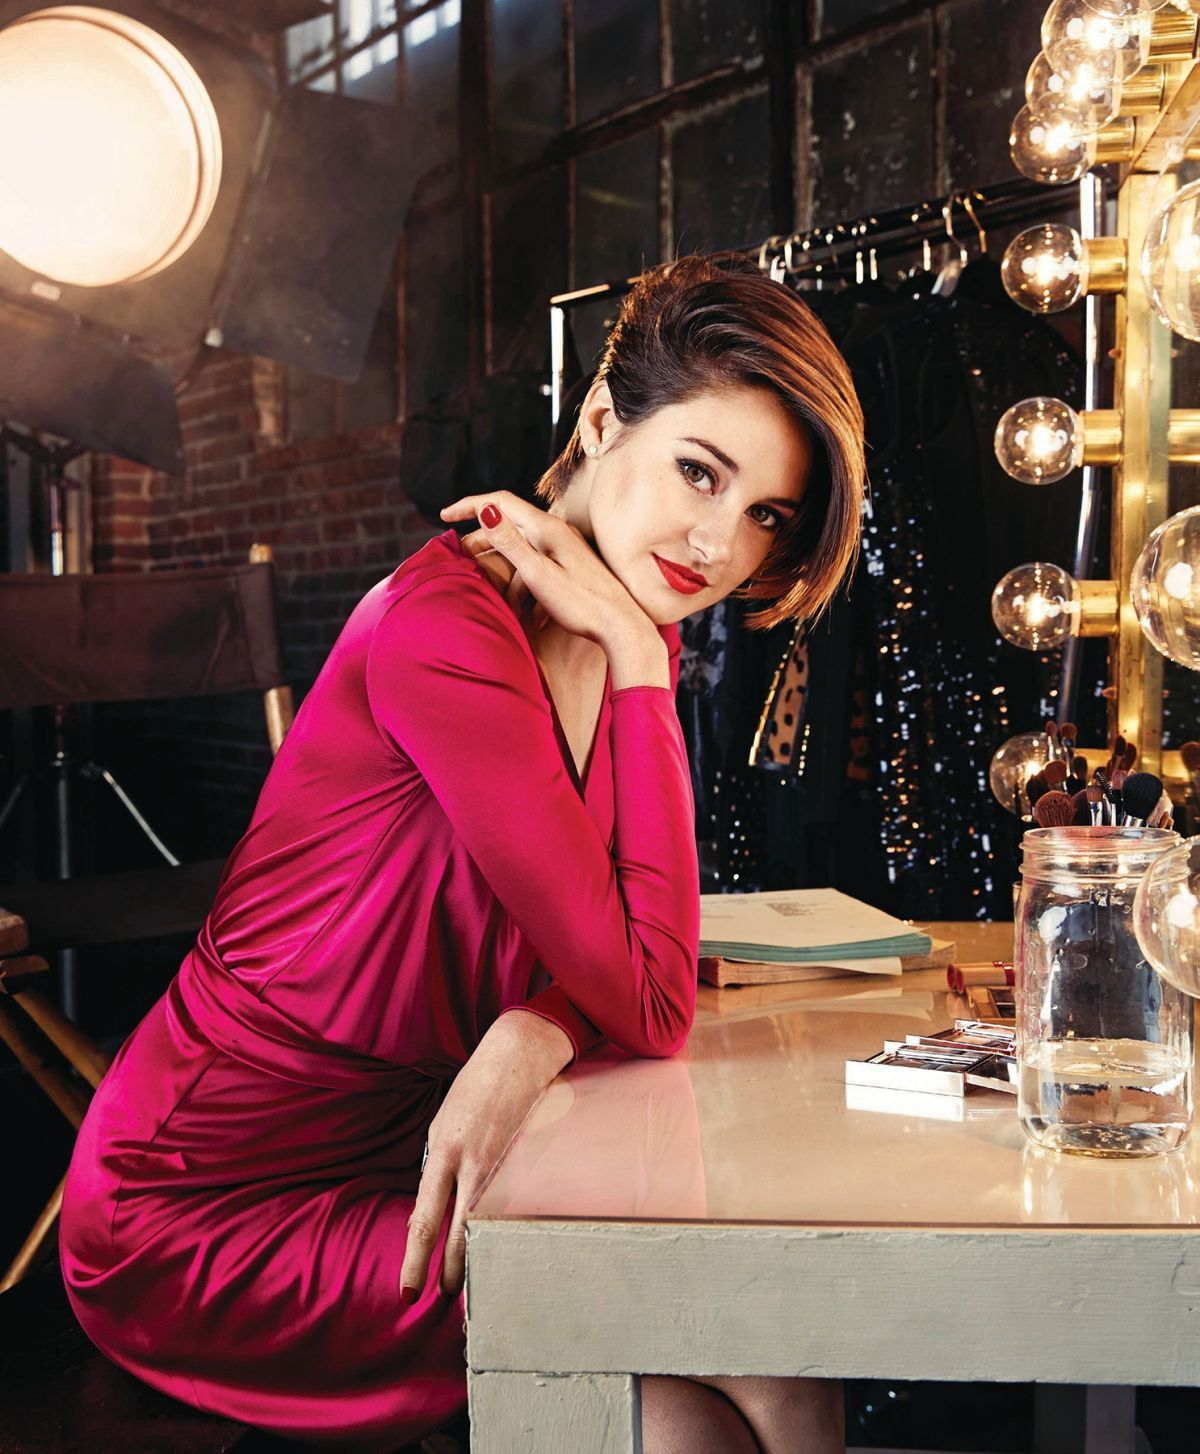 Shailene Woodley in Modern Luxury Magazine by John Russo, June 2014.